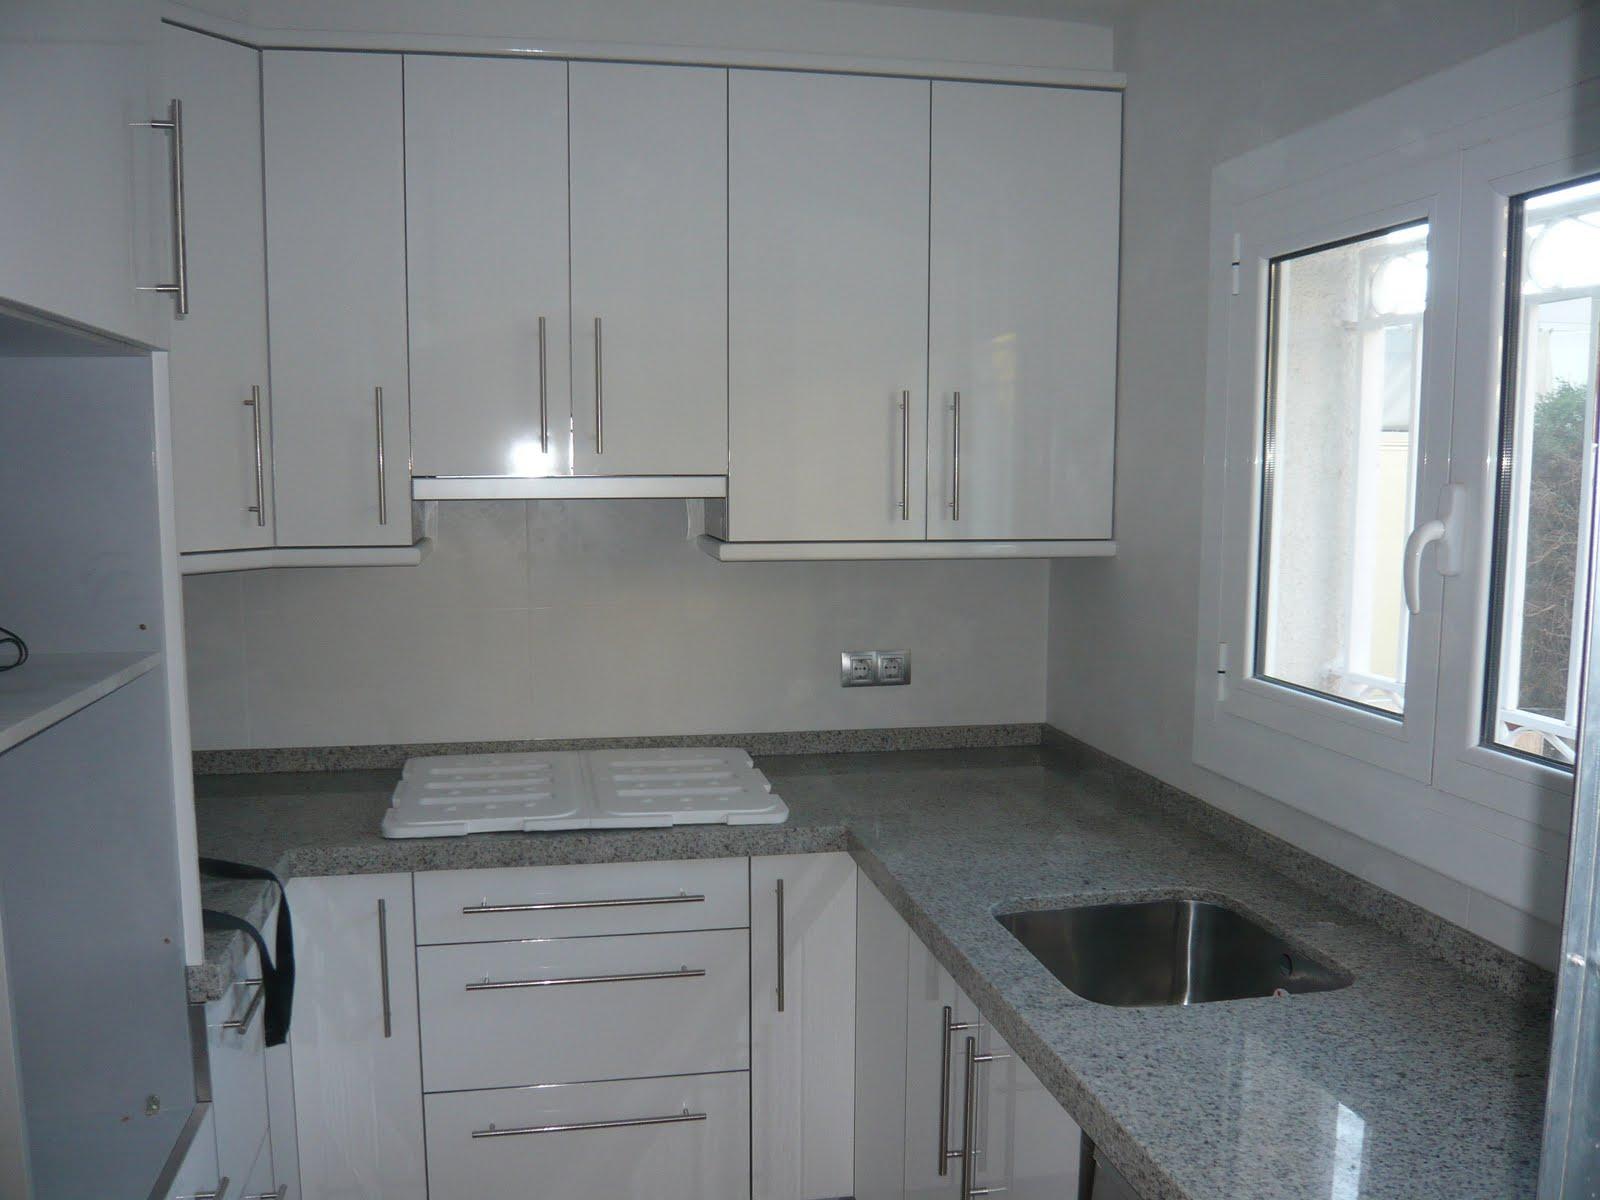 Reuscuina cocina blanco brillo for Granito blanco para cocina